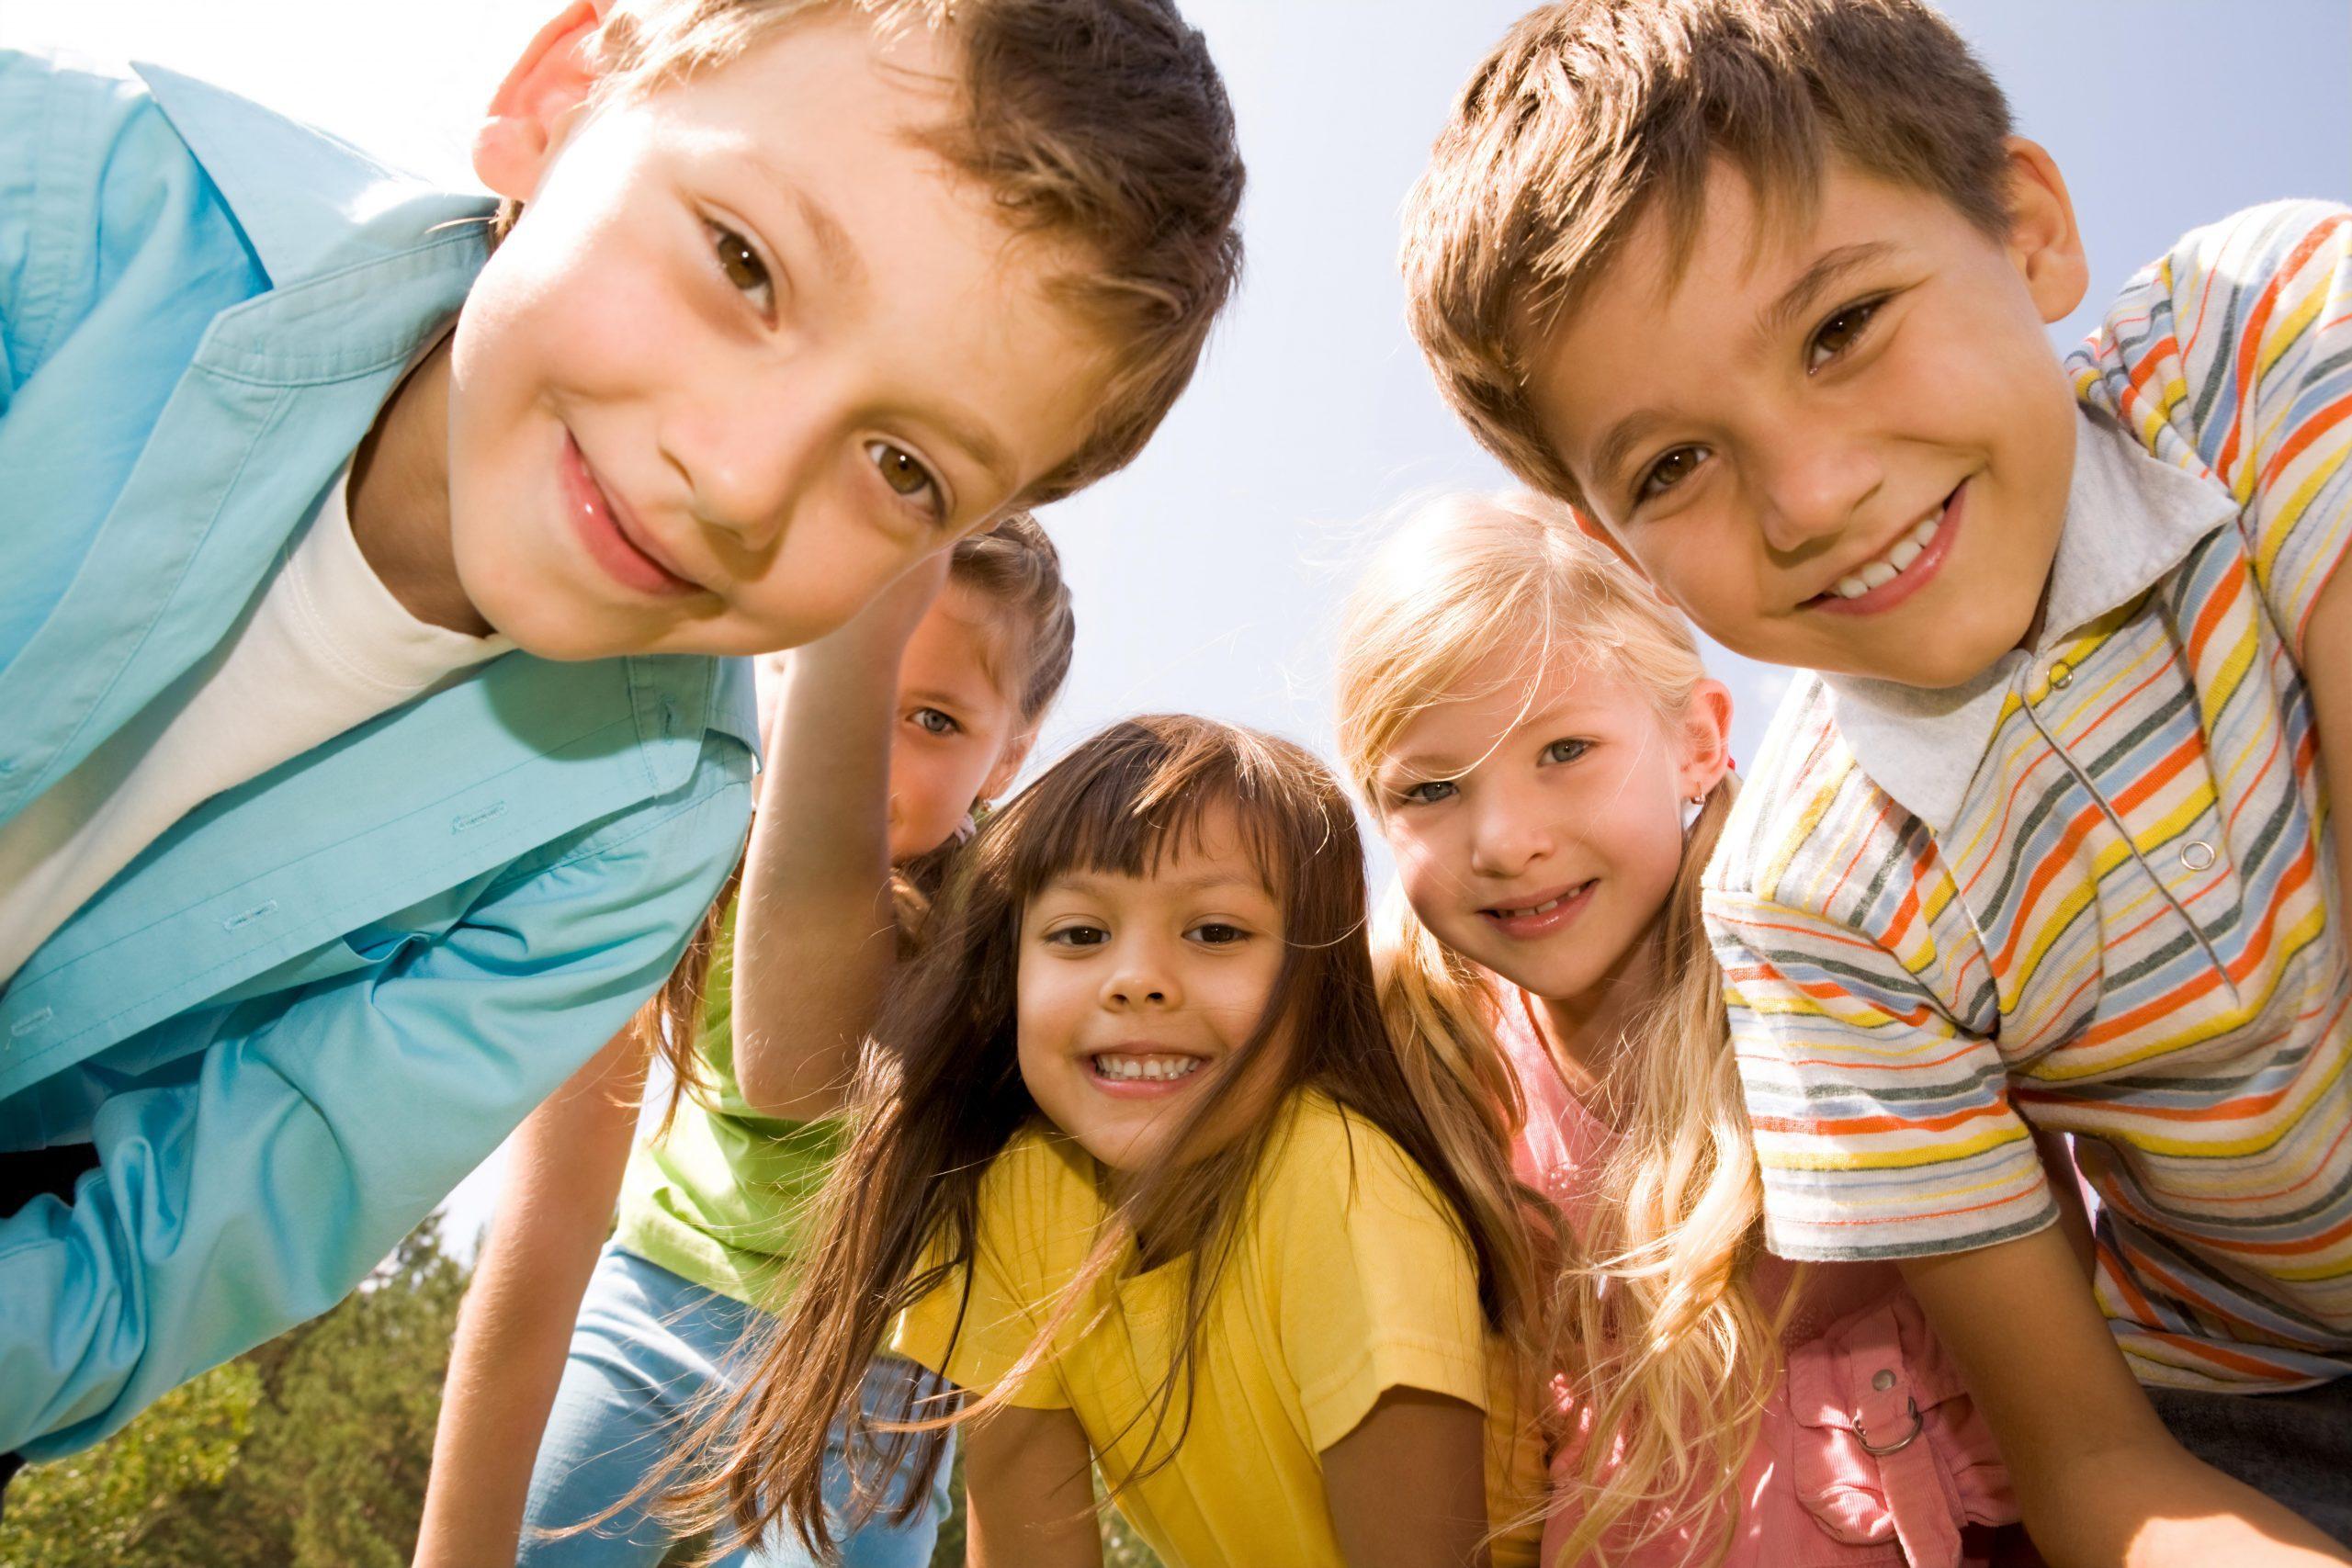 Weltkindertag: Kinder brauchen Chancen